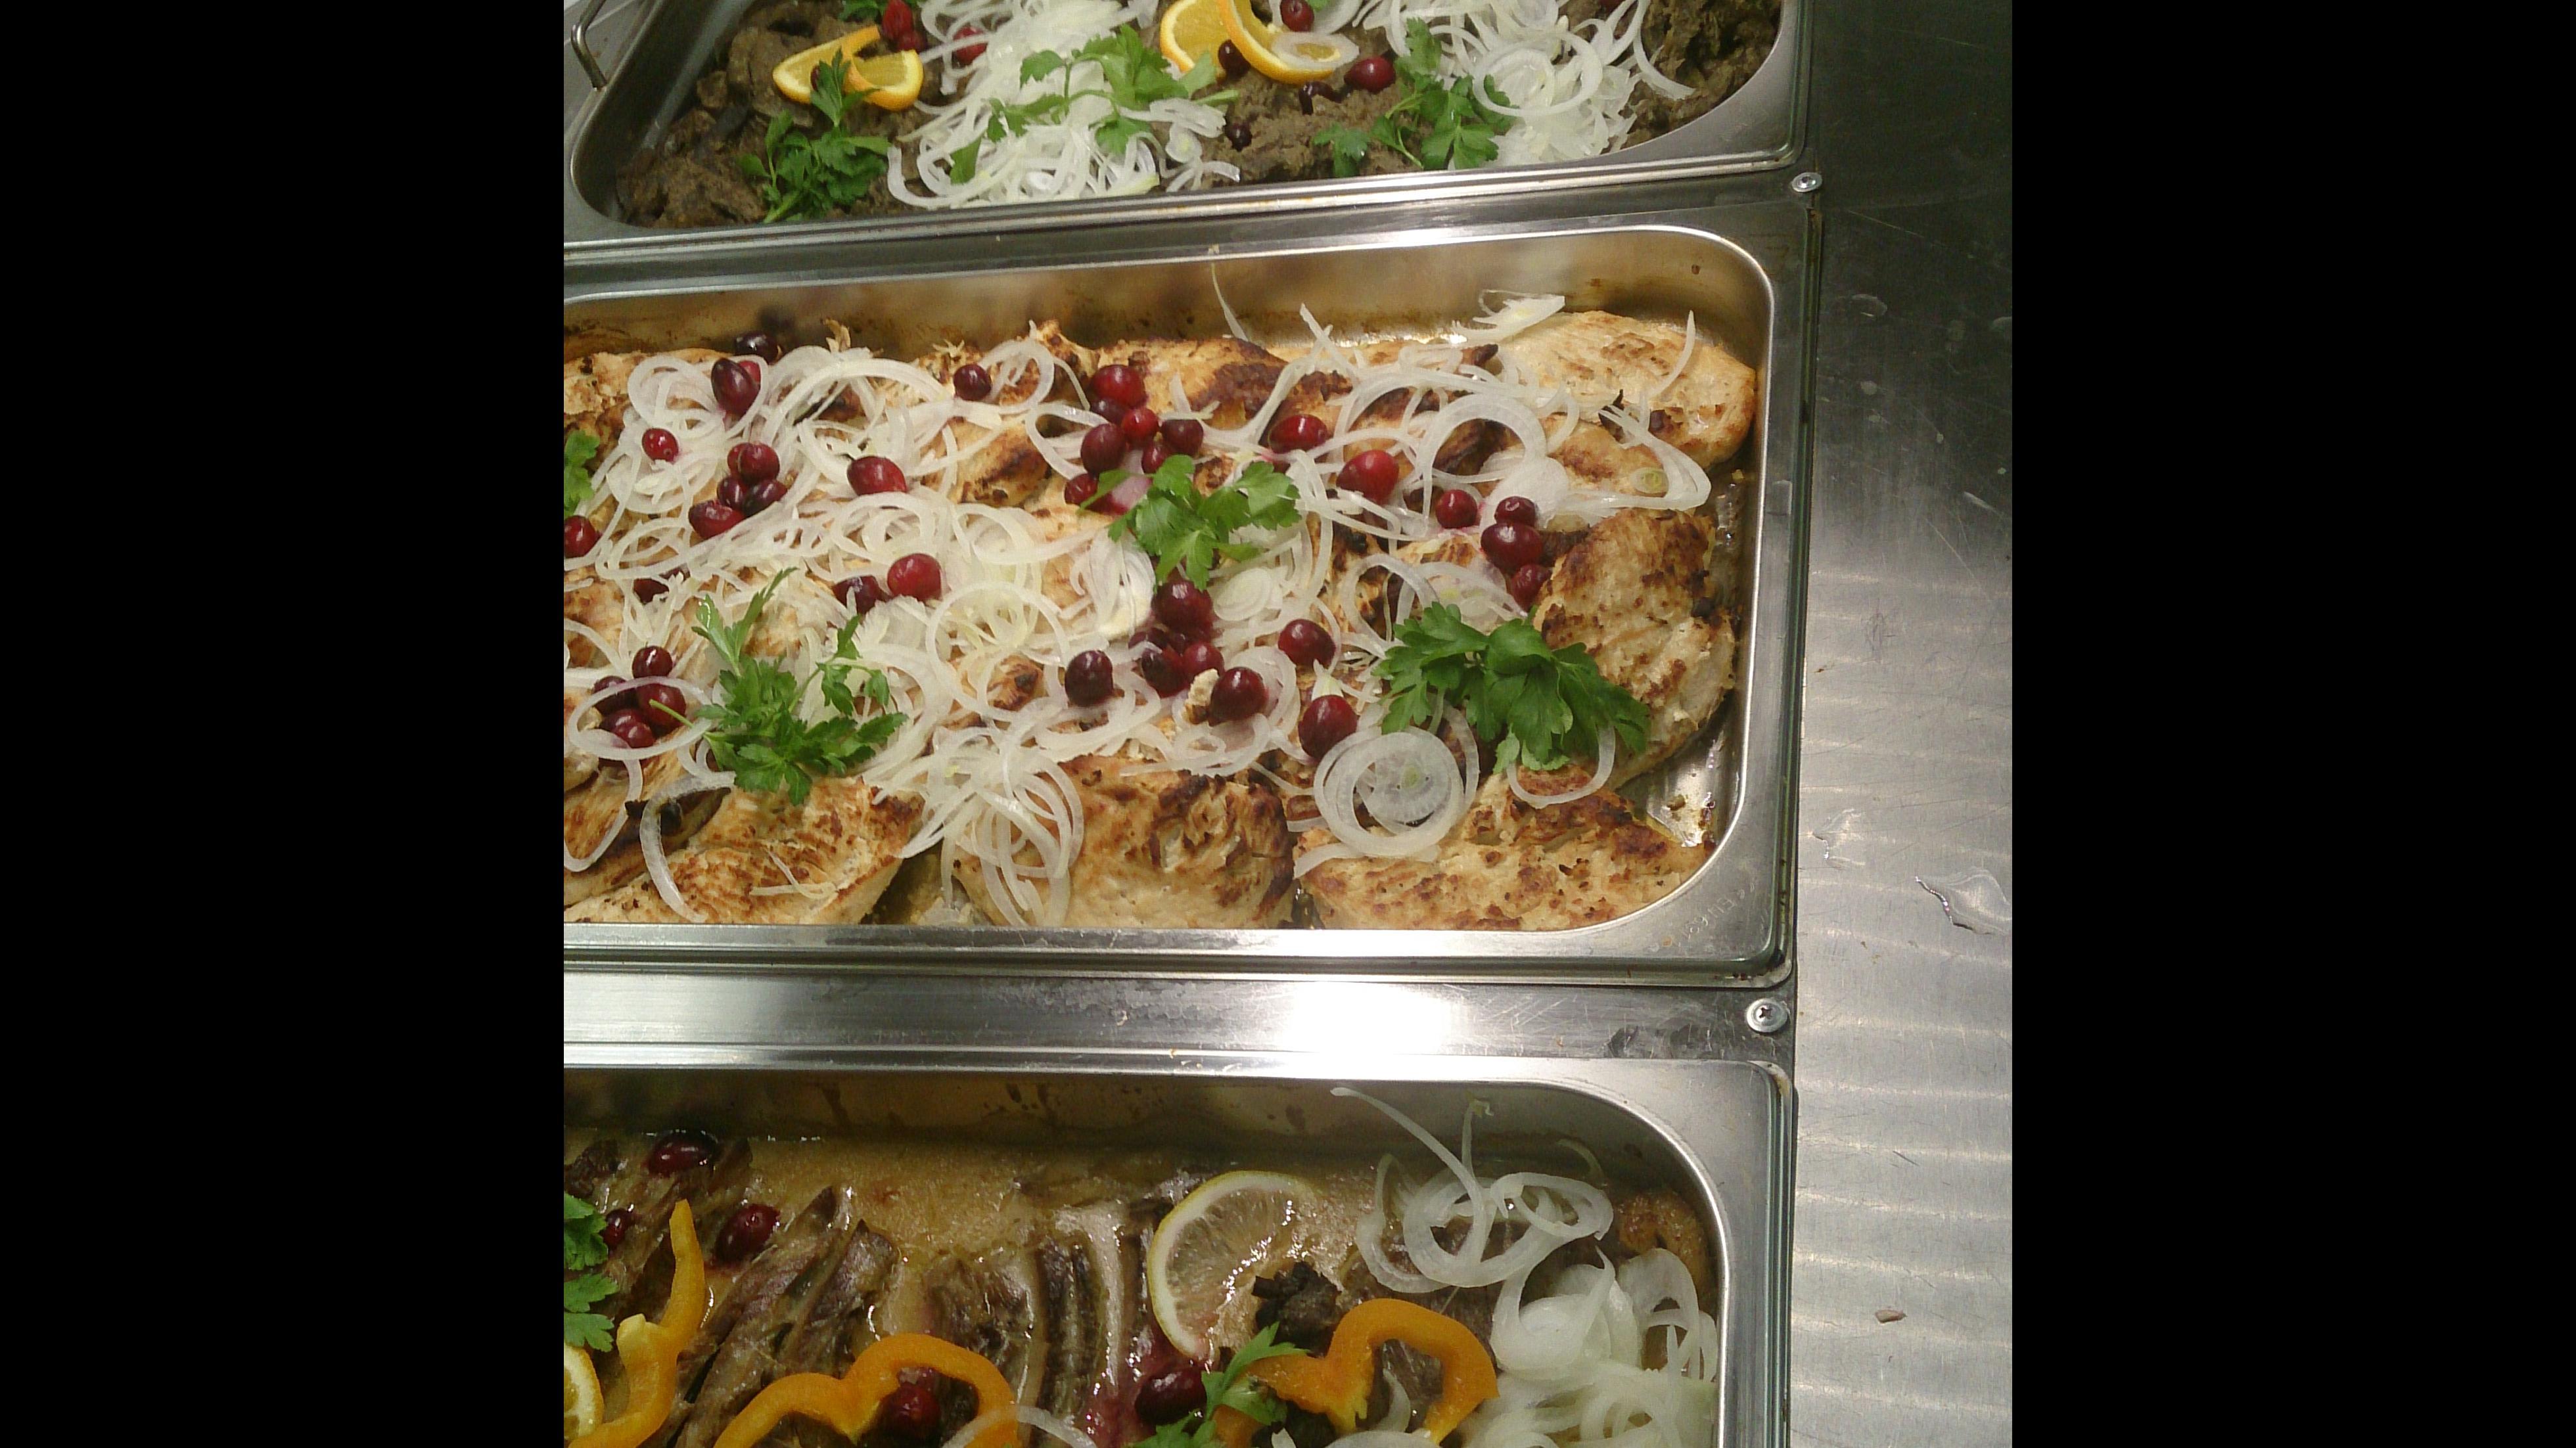 Фото приготовление блюд на большое количество гостей , евро кухня с обучением поваров